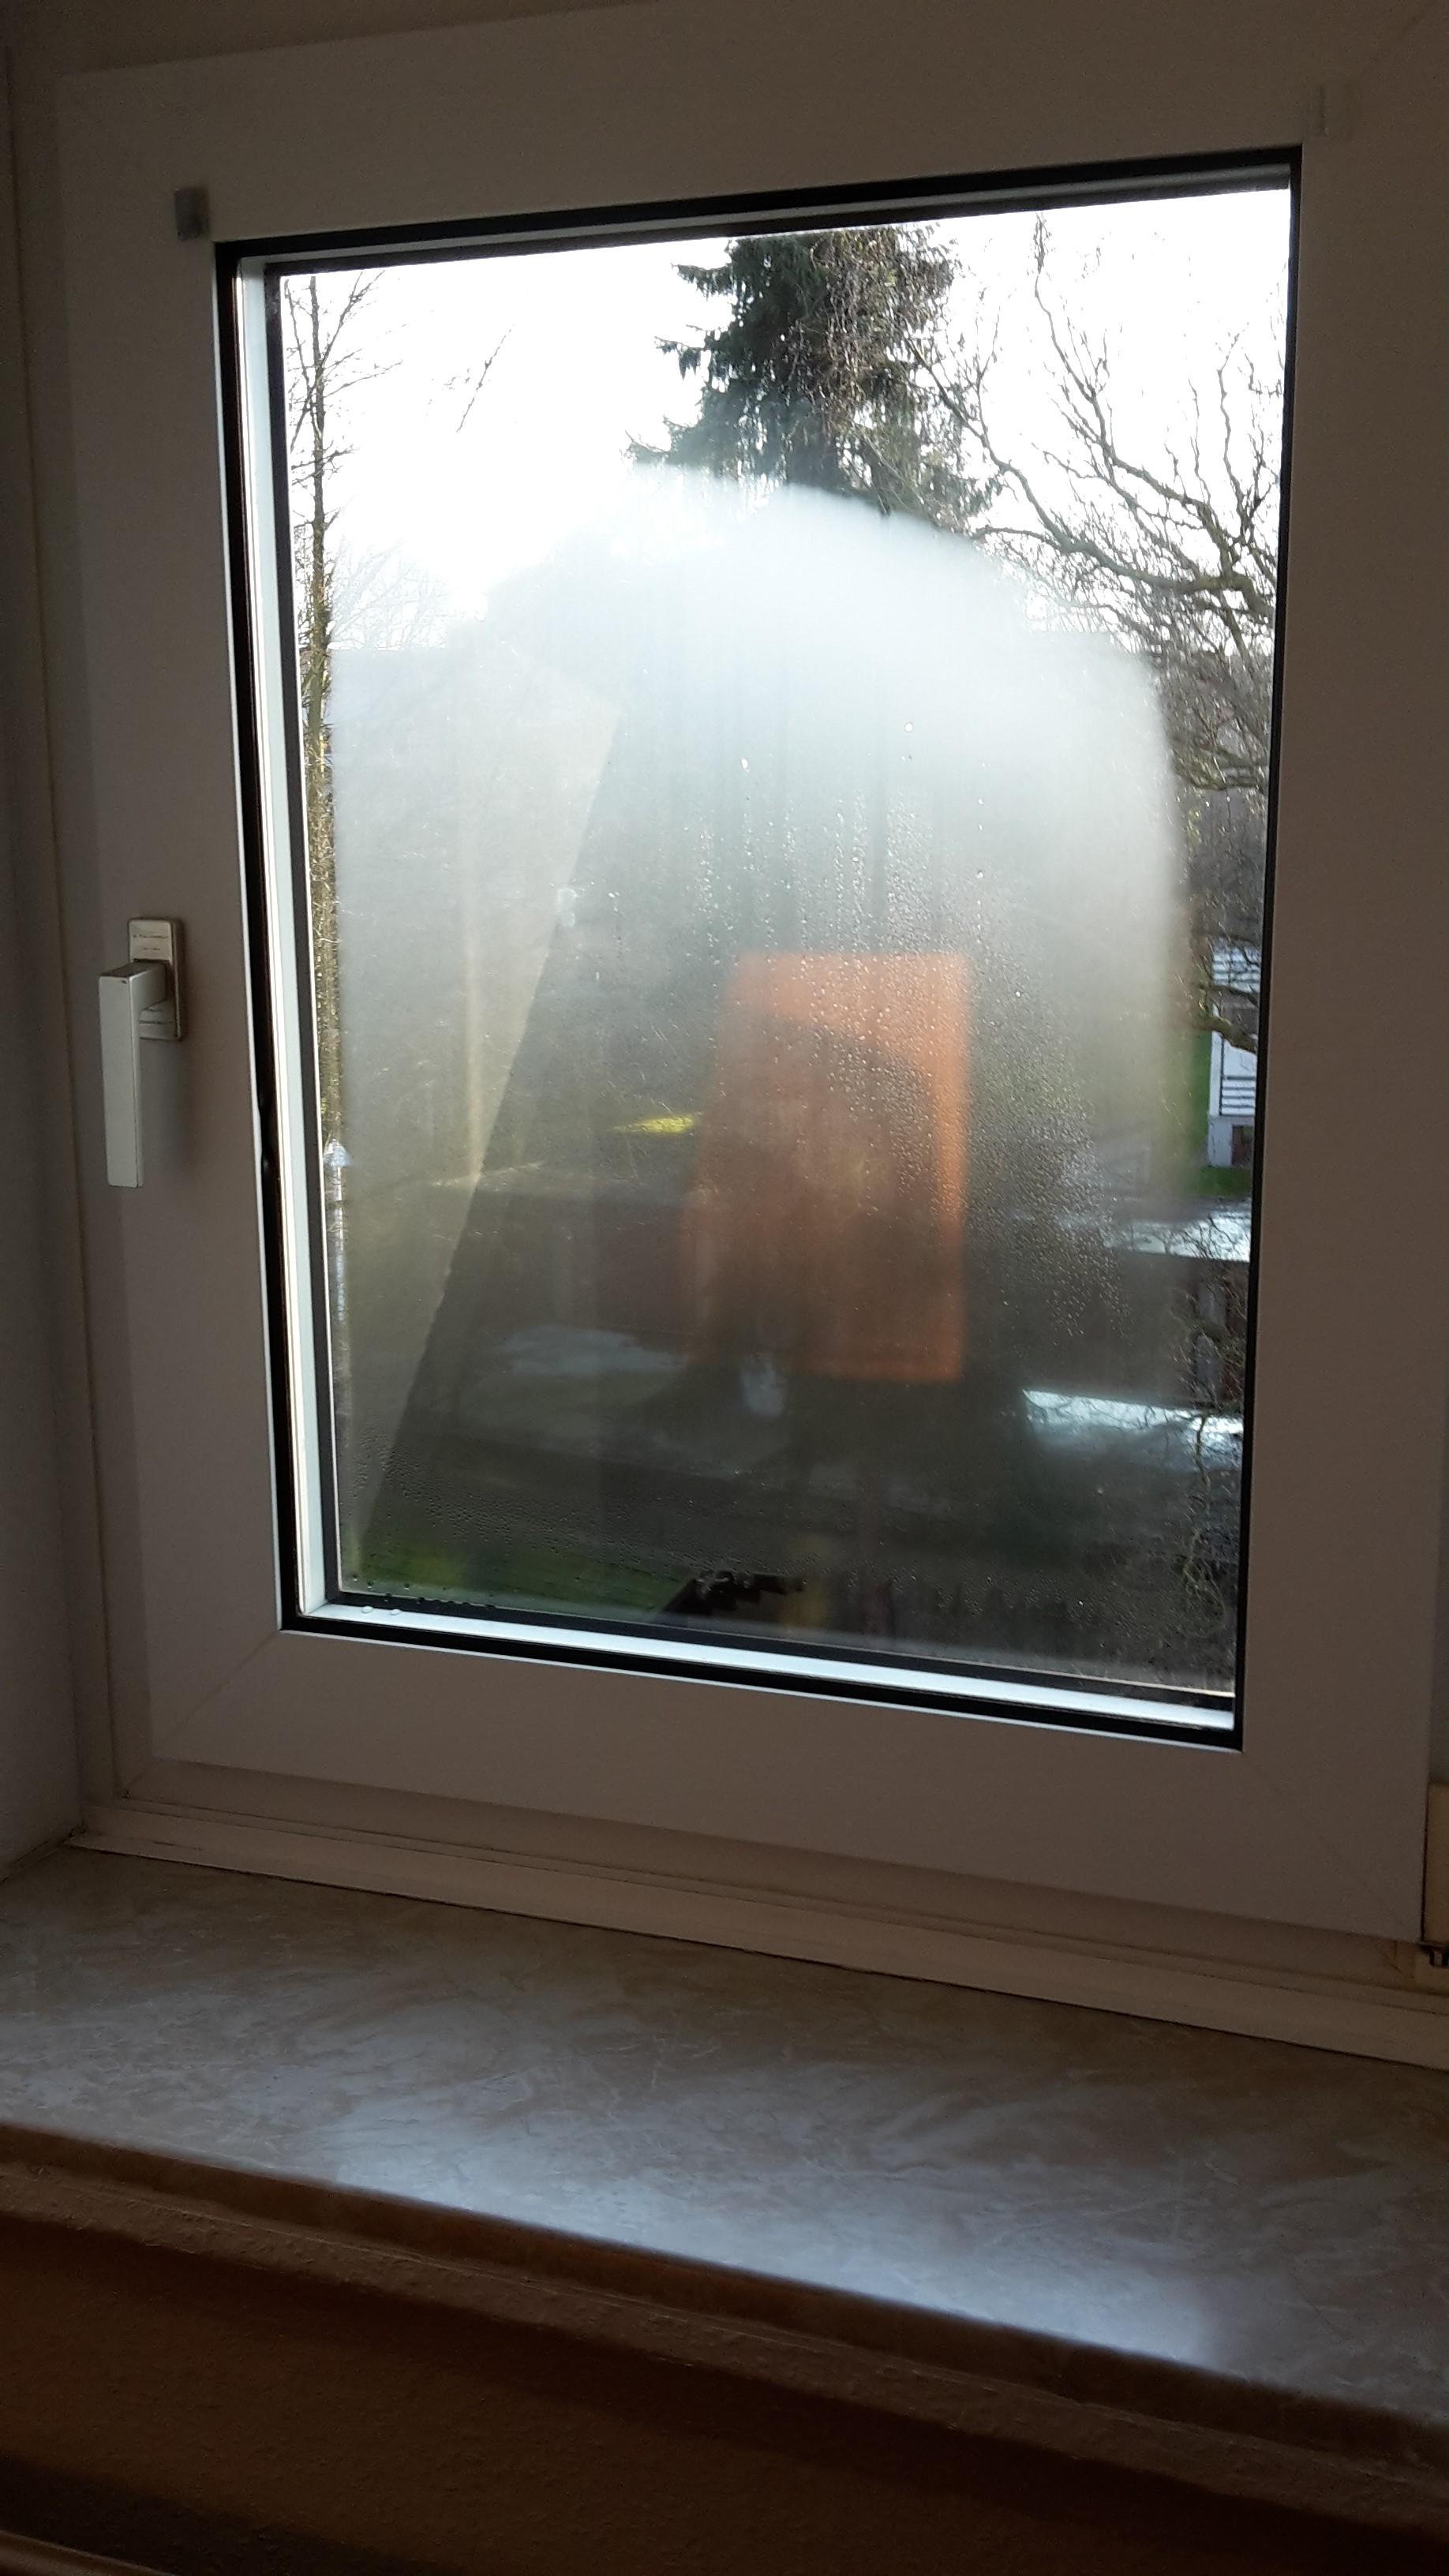 Fenster mit doppelglas 2 glasscheiben mit hohlraum ist andauernd beschlagen und feuchtigkeit - Fenster beschlagen von innen wohnung ...